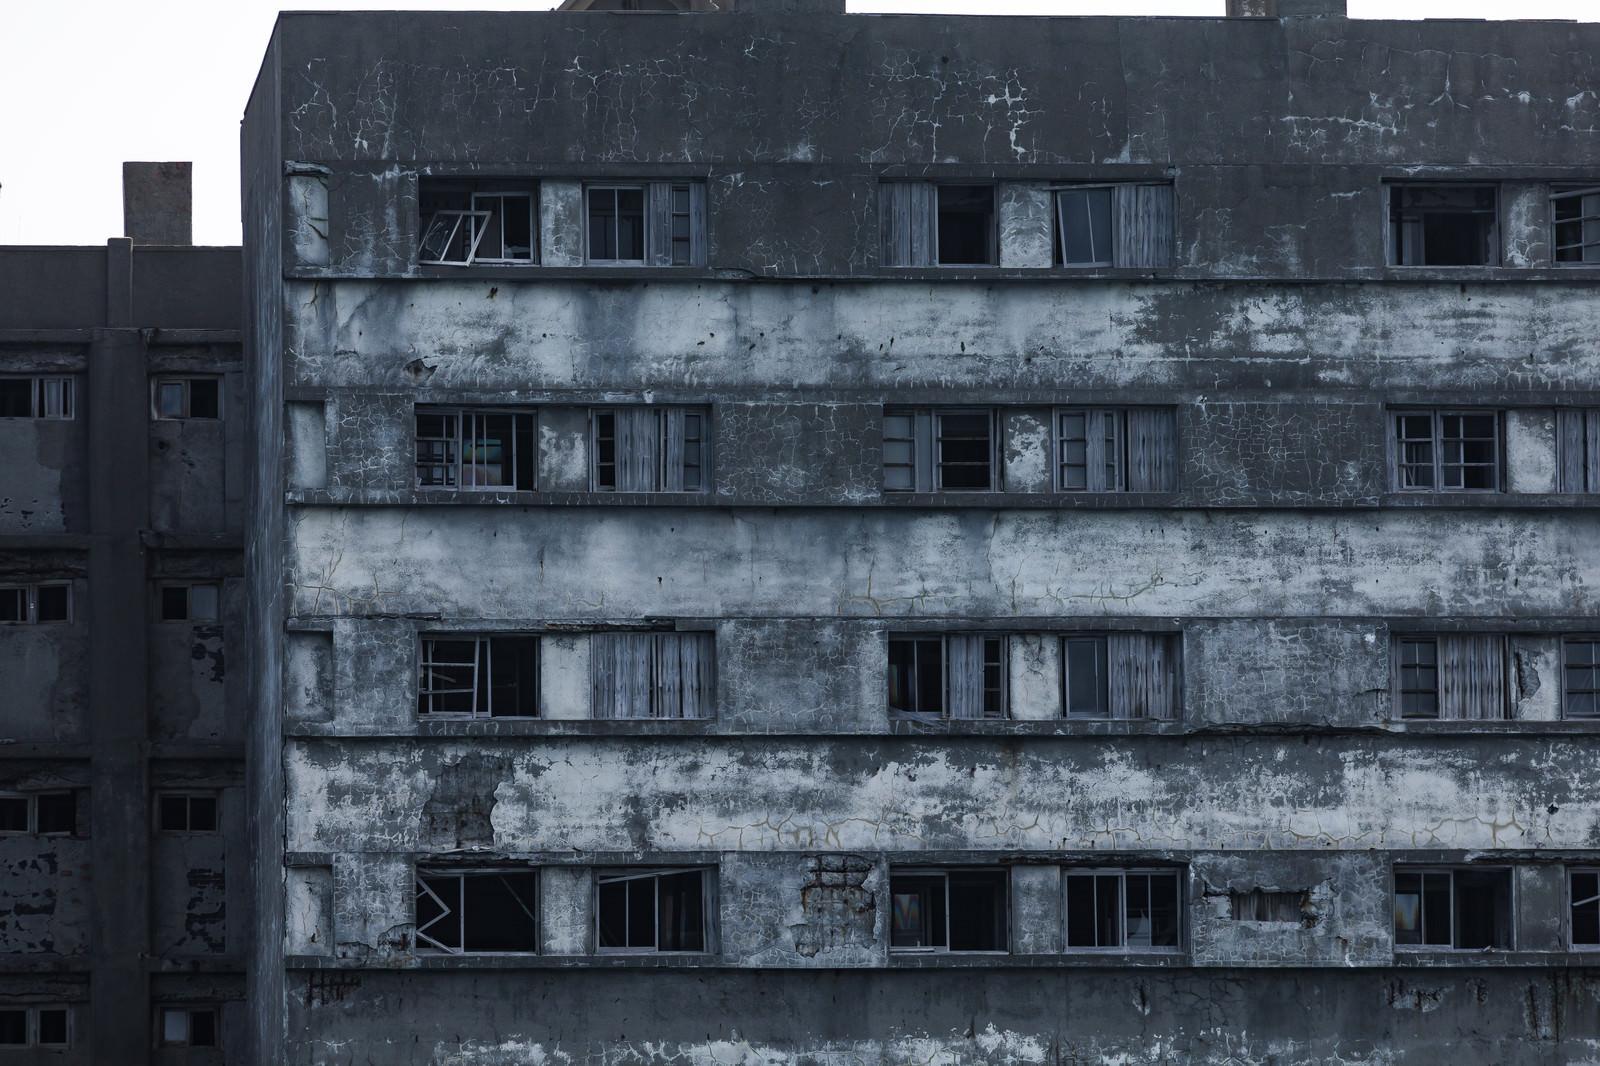 「朽ちてもまだ残る51号棟の窓ガラス(軍艦島)」の写真